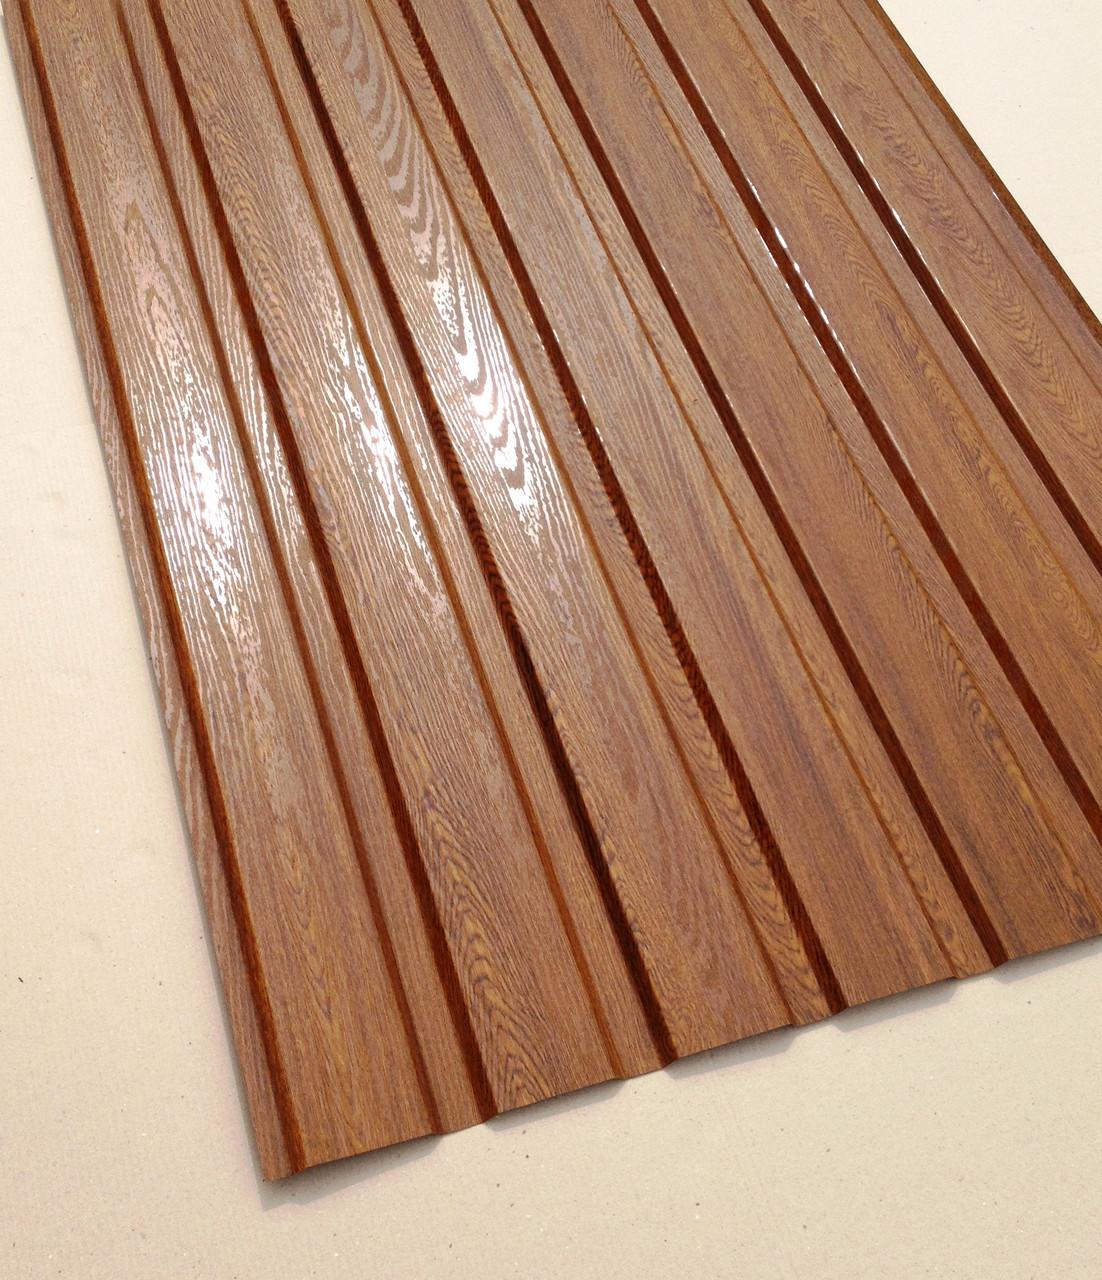 Профнастил с объемным рисунком  дерева Дуб 3D wood18DARK/8003, размер листа 2мХ1,16м